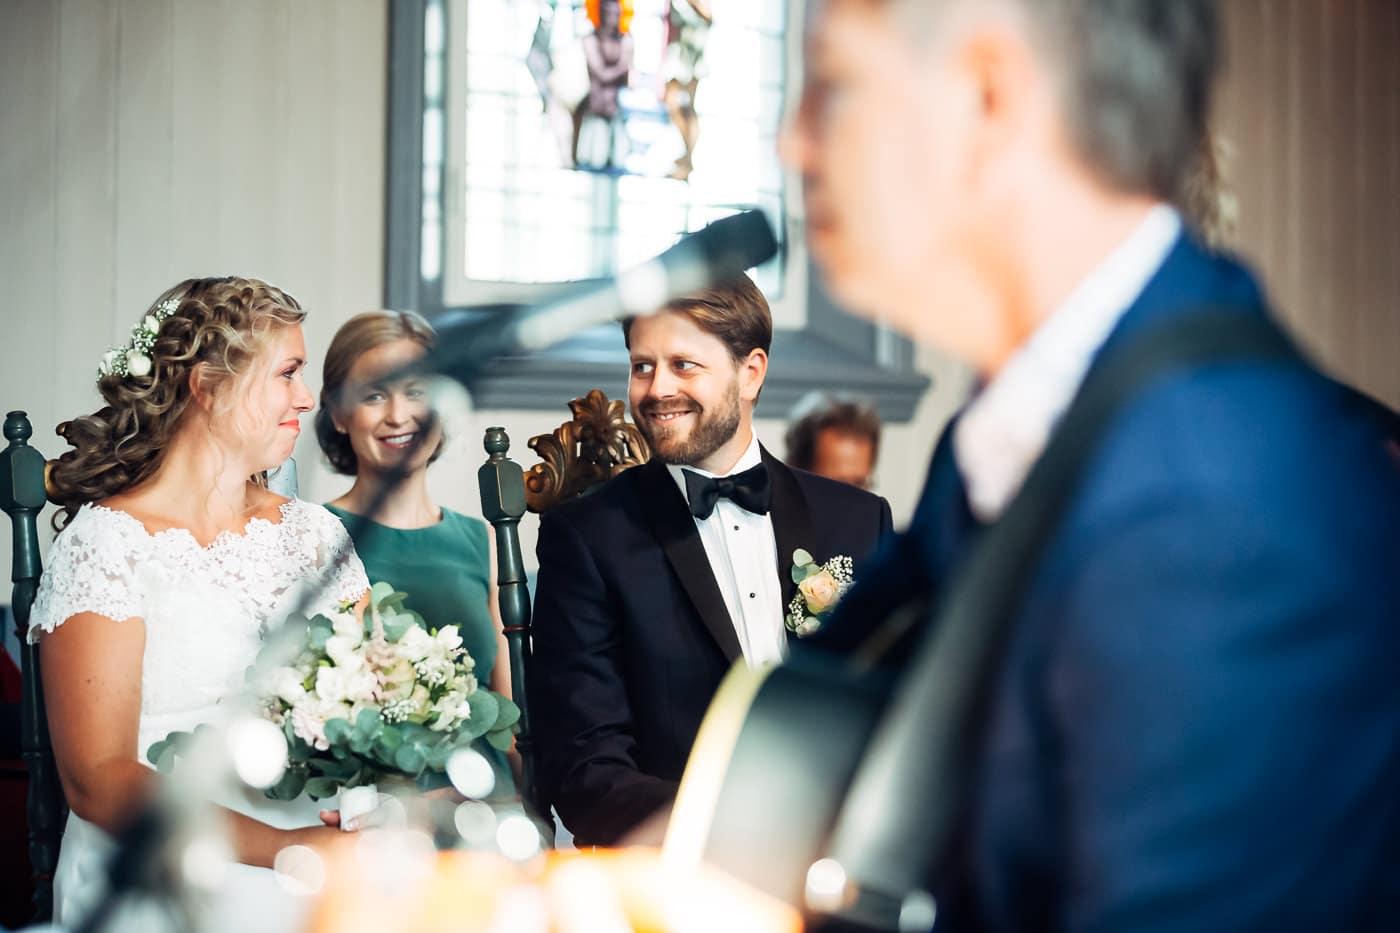 Linn & Frank - rørende og vakkert låvebryllup i Minnesund Bryllupsbilder Minnesund Eidsvoll 26 Brudepar